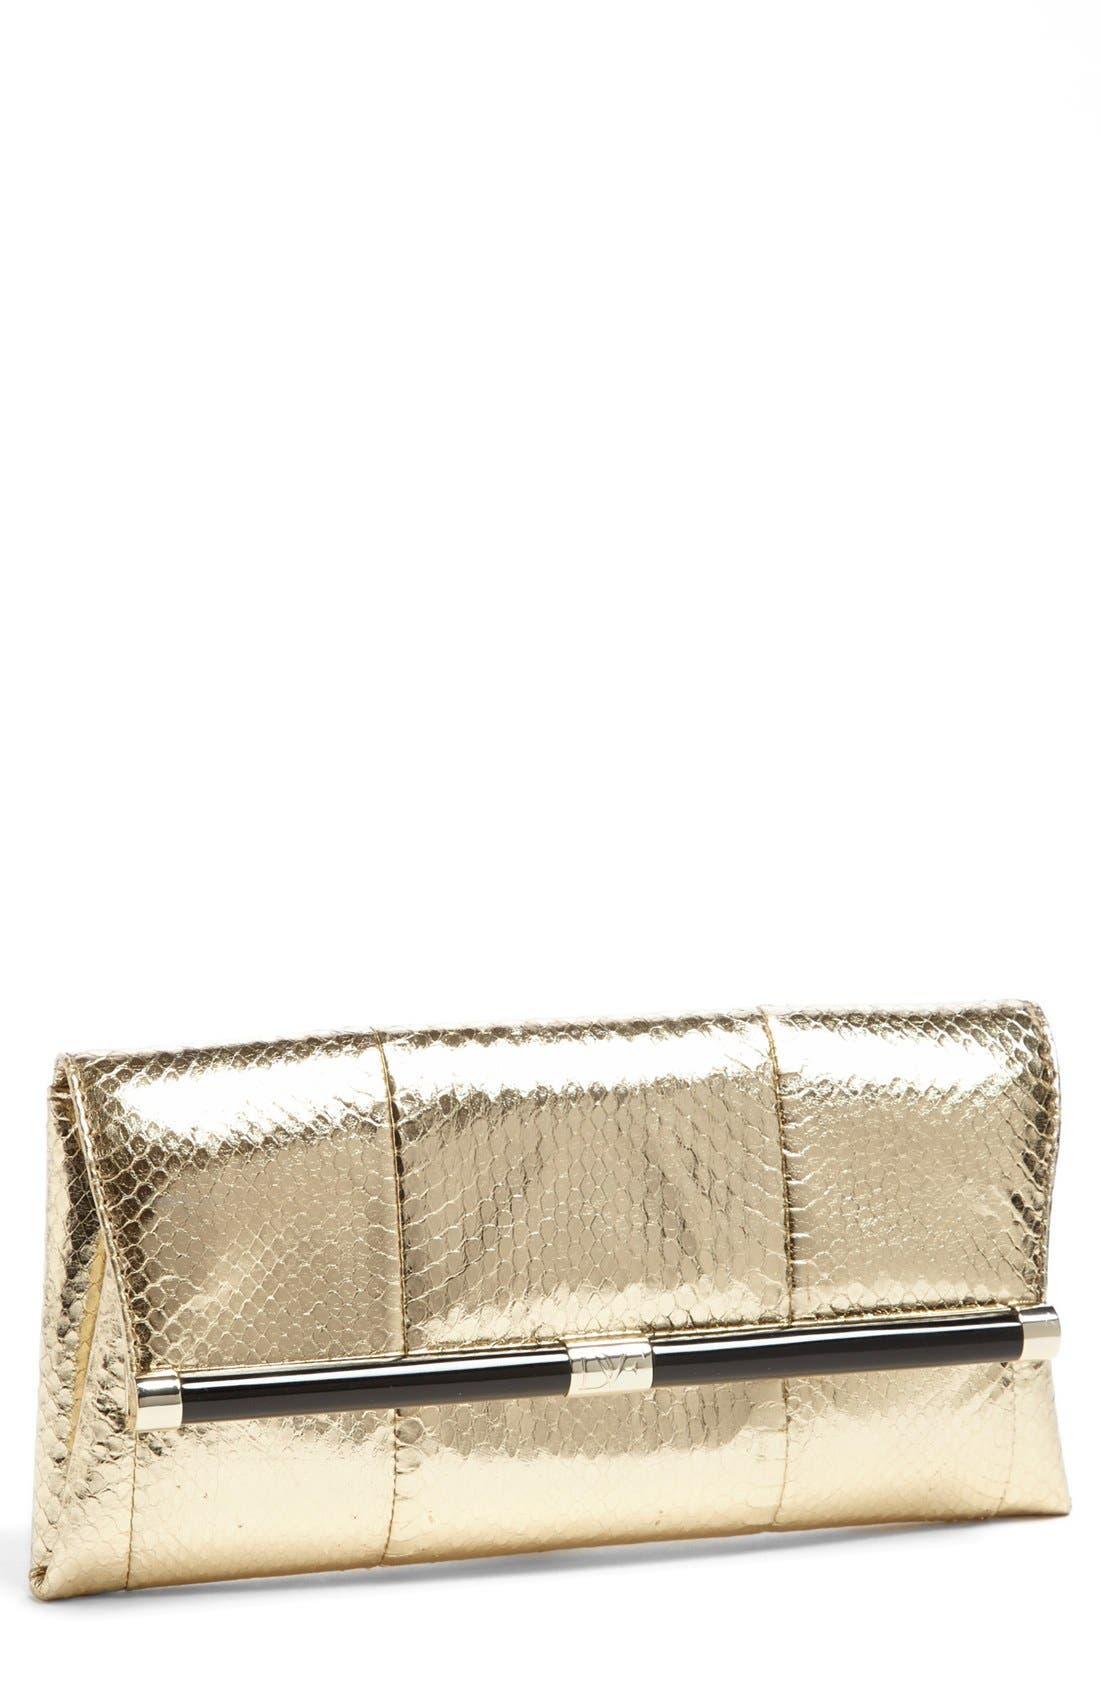 Main Image - Diane von Furstenberg '440' Envelope Clutch